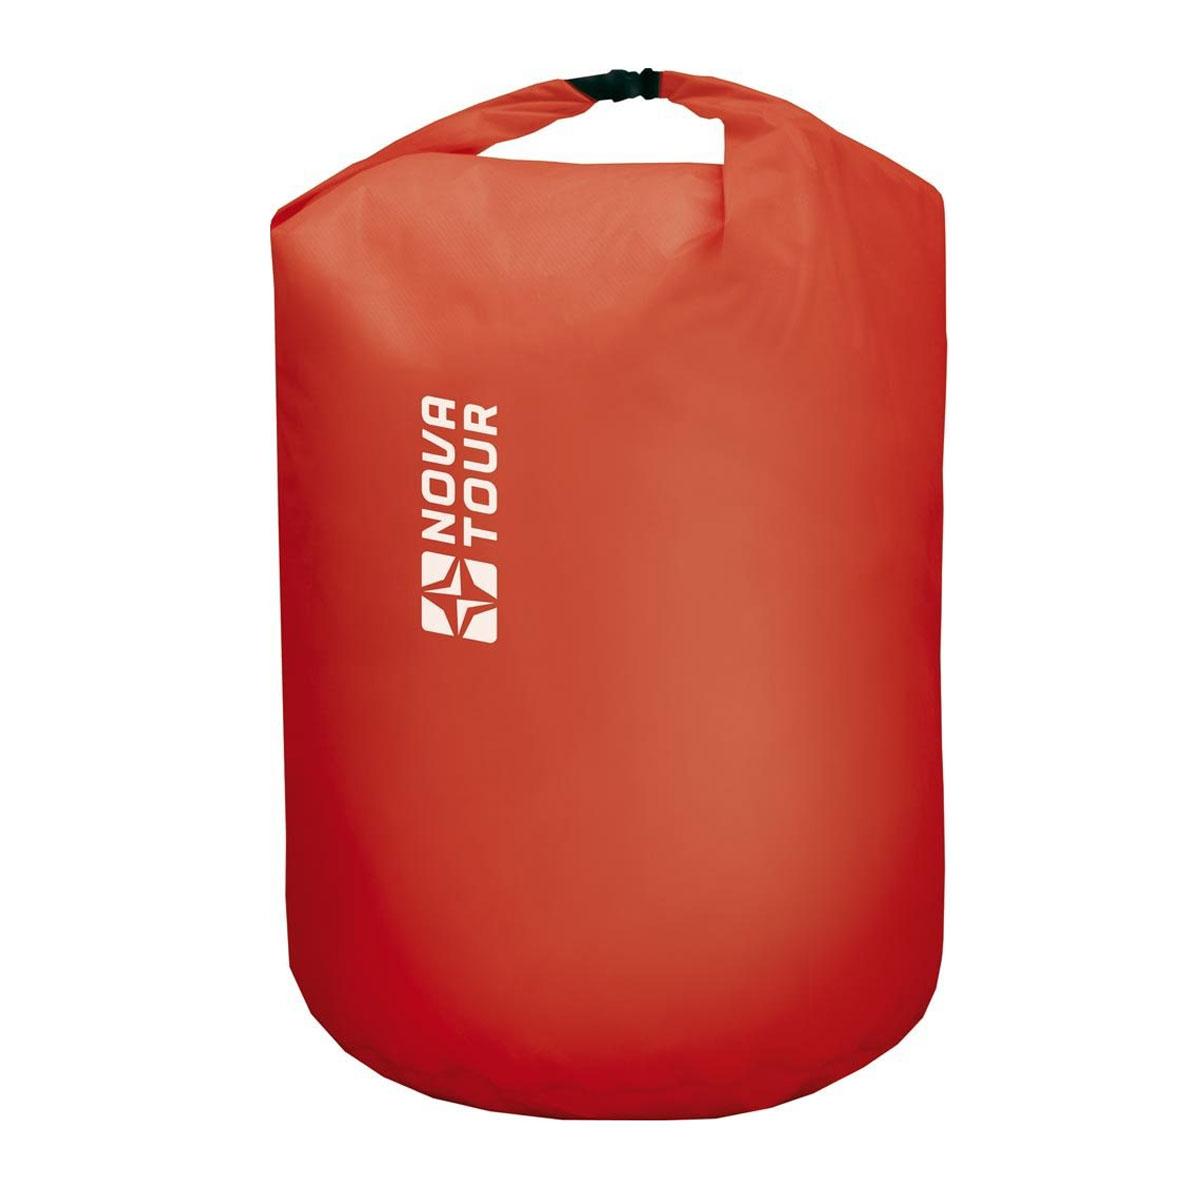 Гермомешок Nova Tour Лайтпак 40, цвет: красный. 95151-001-0095151-001-00Легкий и прочный гермомешок.100% защита ваших вещей от воды. Надежная защита рюкзака от непогоды. Легкий и компактный. Компактно складывается в специальную упаковку, которая легко крепится на любую стропу рюкзака. Все швы проклеены.Ткань: 100% водонепроницаемый нейлон.Объем: 40 литров.